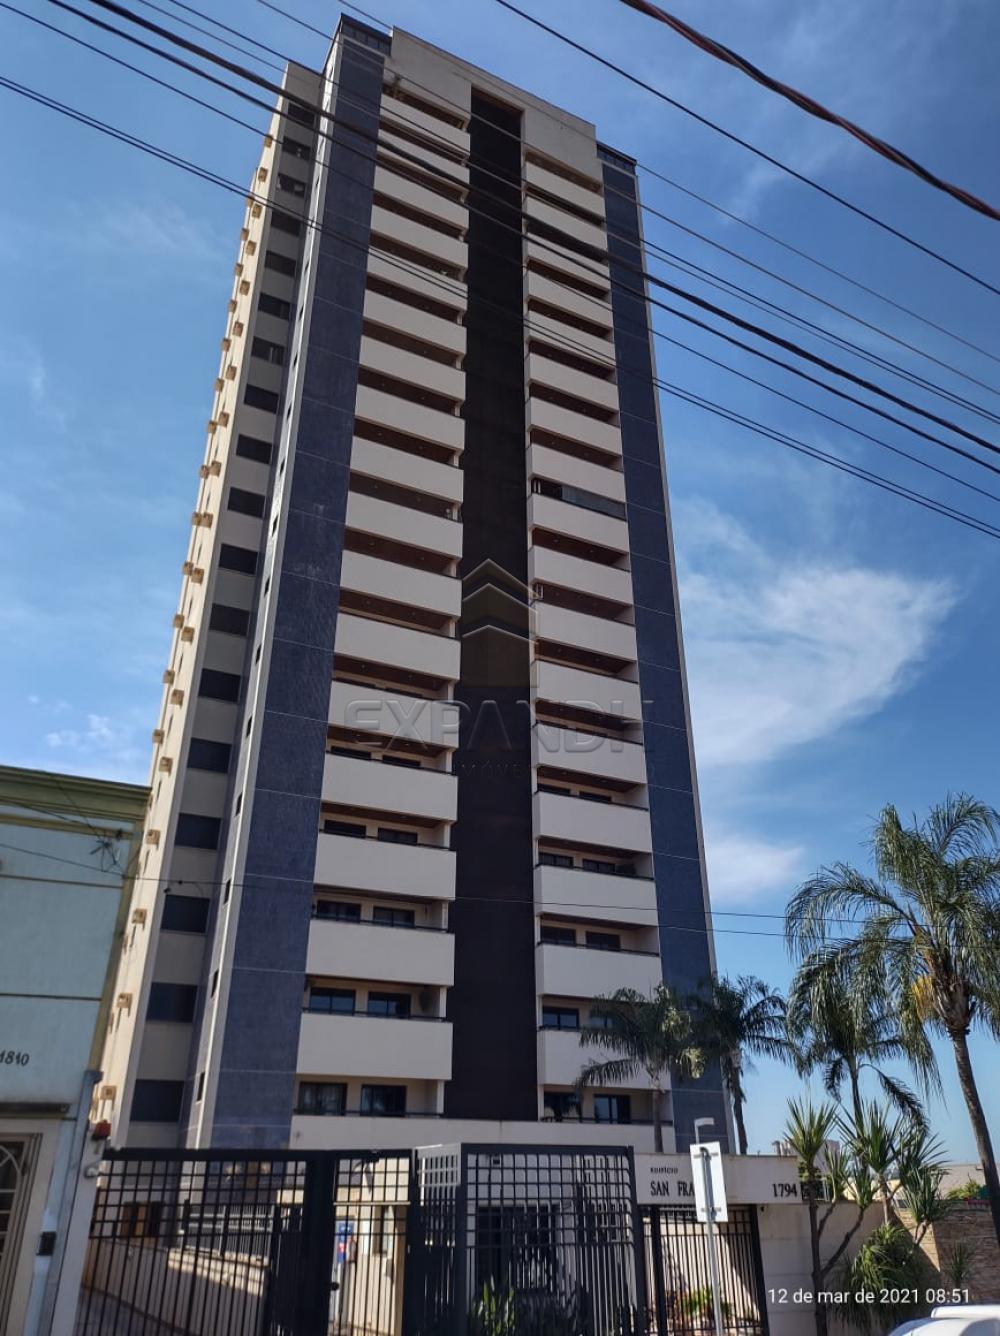 Comprar Apartamentos / Padrão em Sertãozinho R$ 590.000,00 - Foto 1